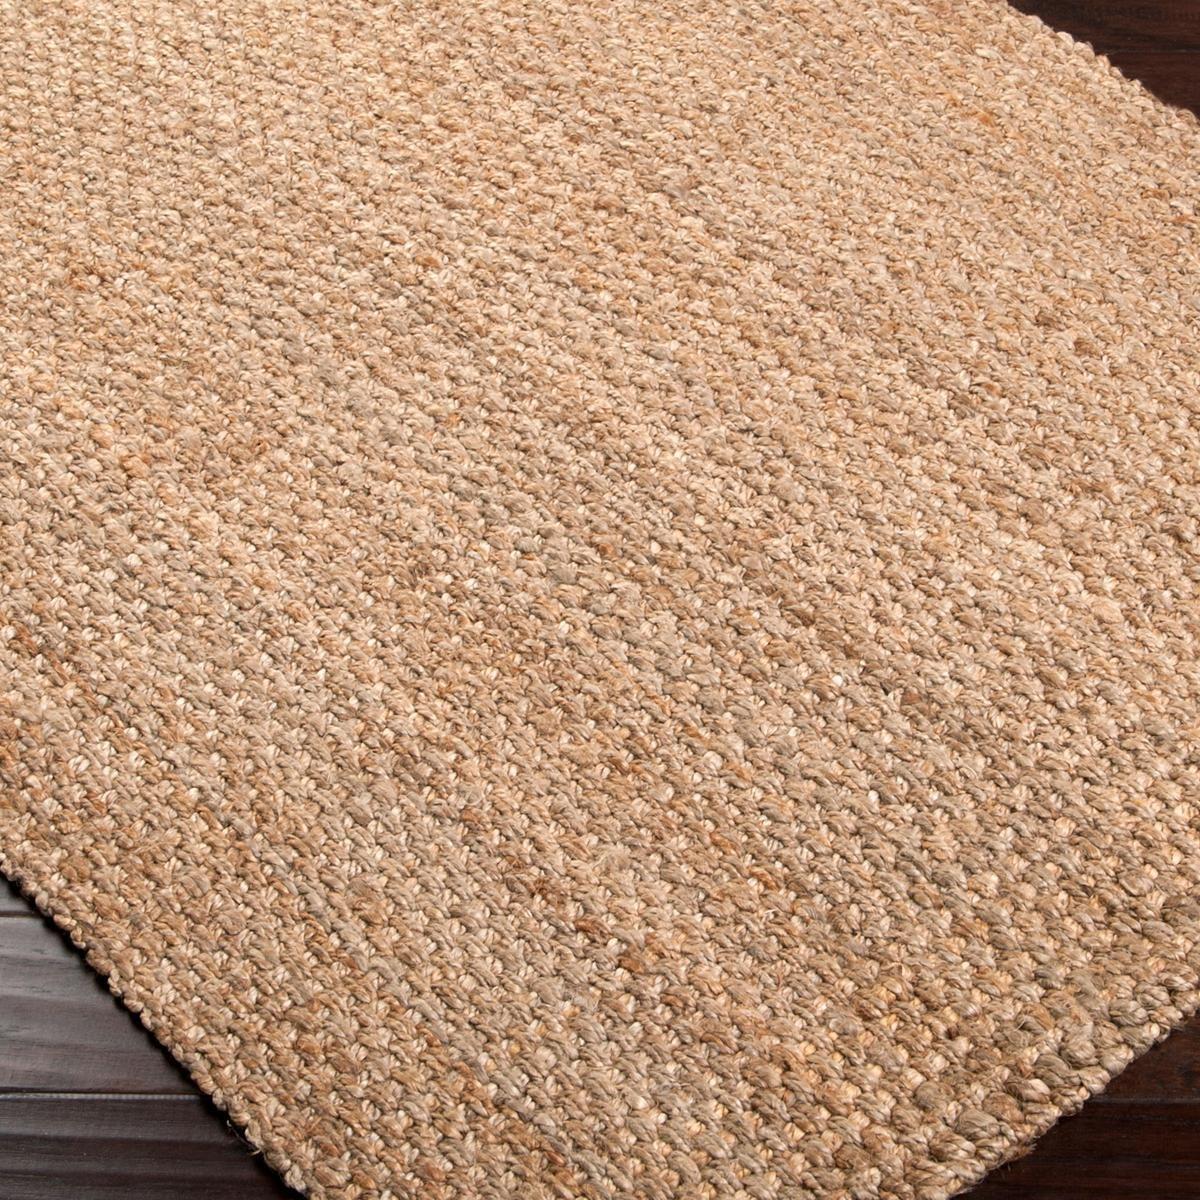 jute tweed flatweave rug | flatweave rugs, jute and sisal